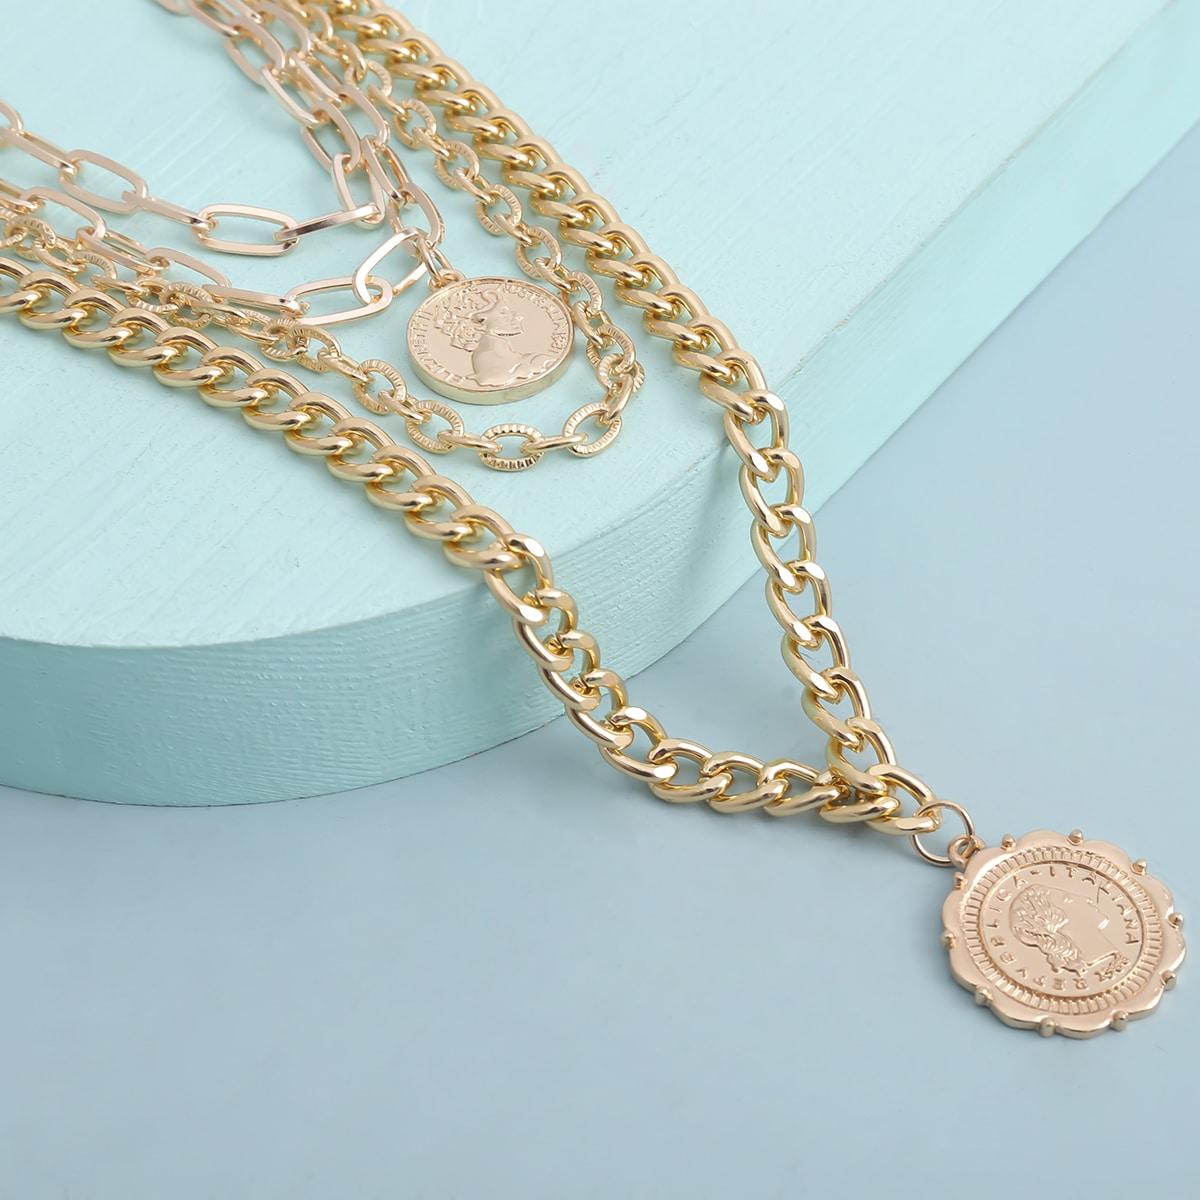 Мужское многослойное ожерелье с декором итальянской и австралийской монеты от SHEIN